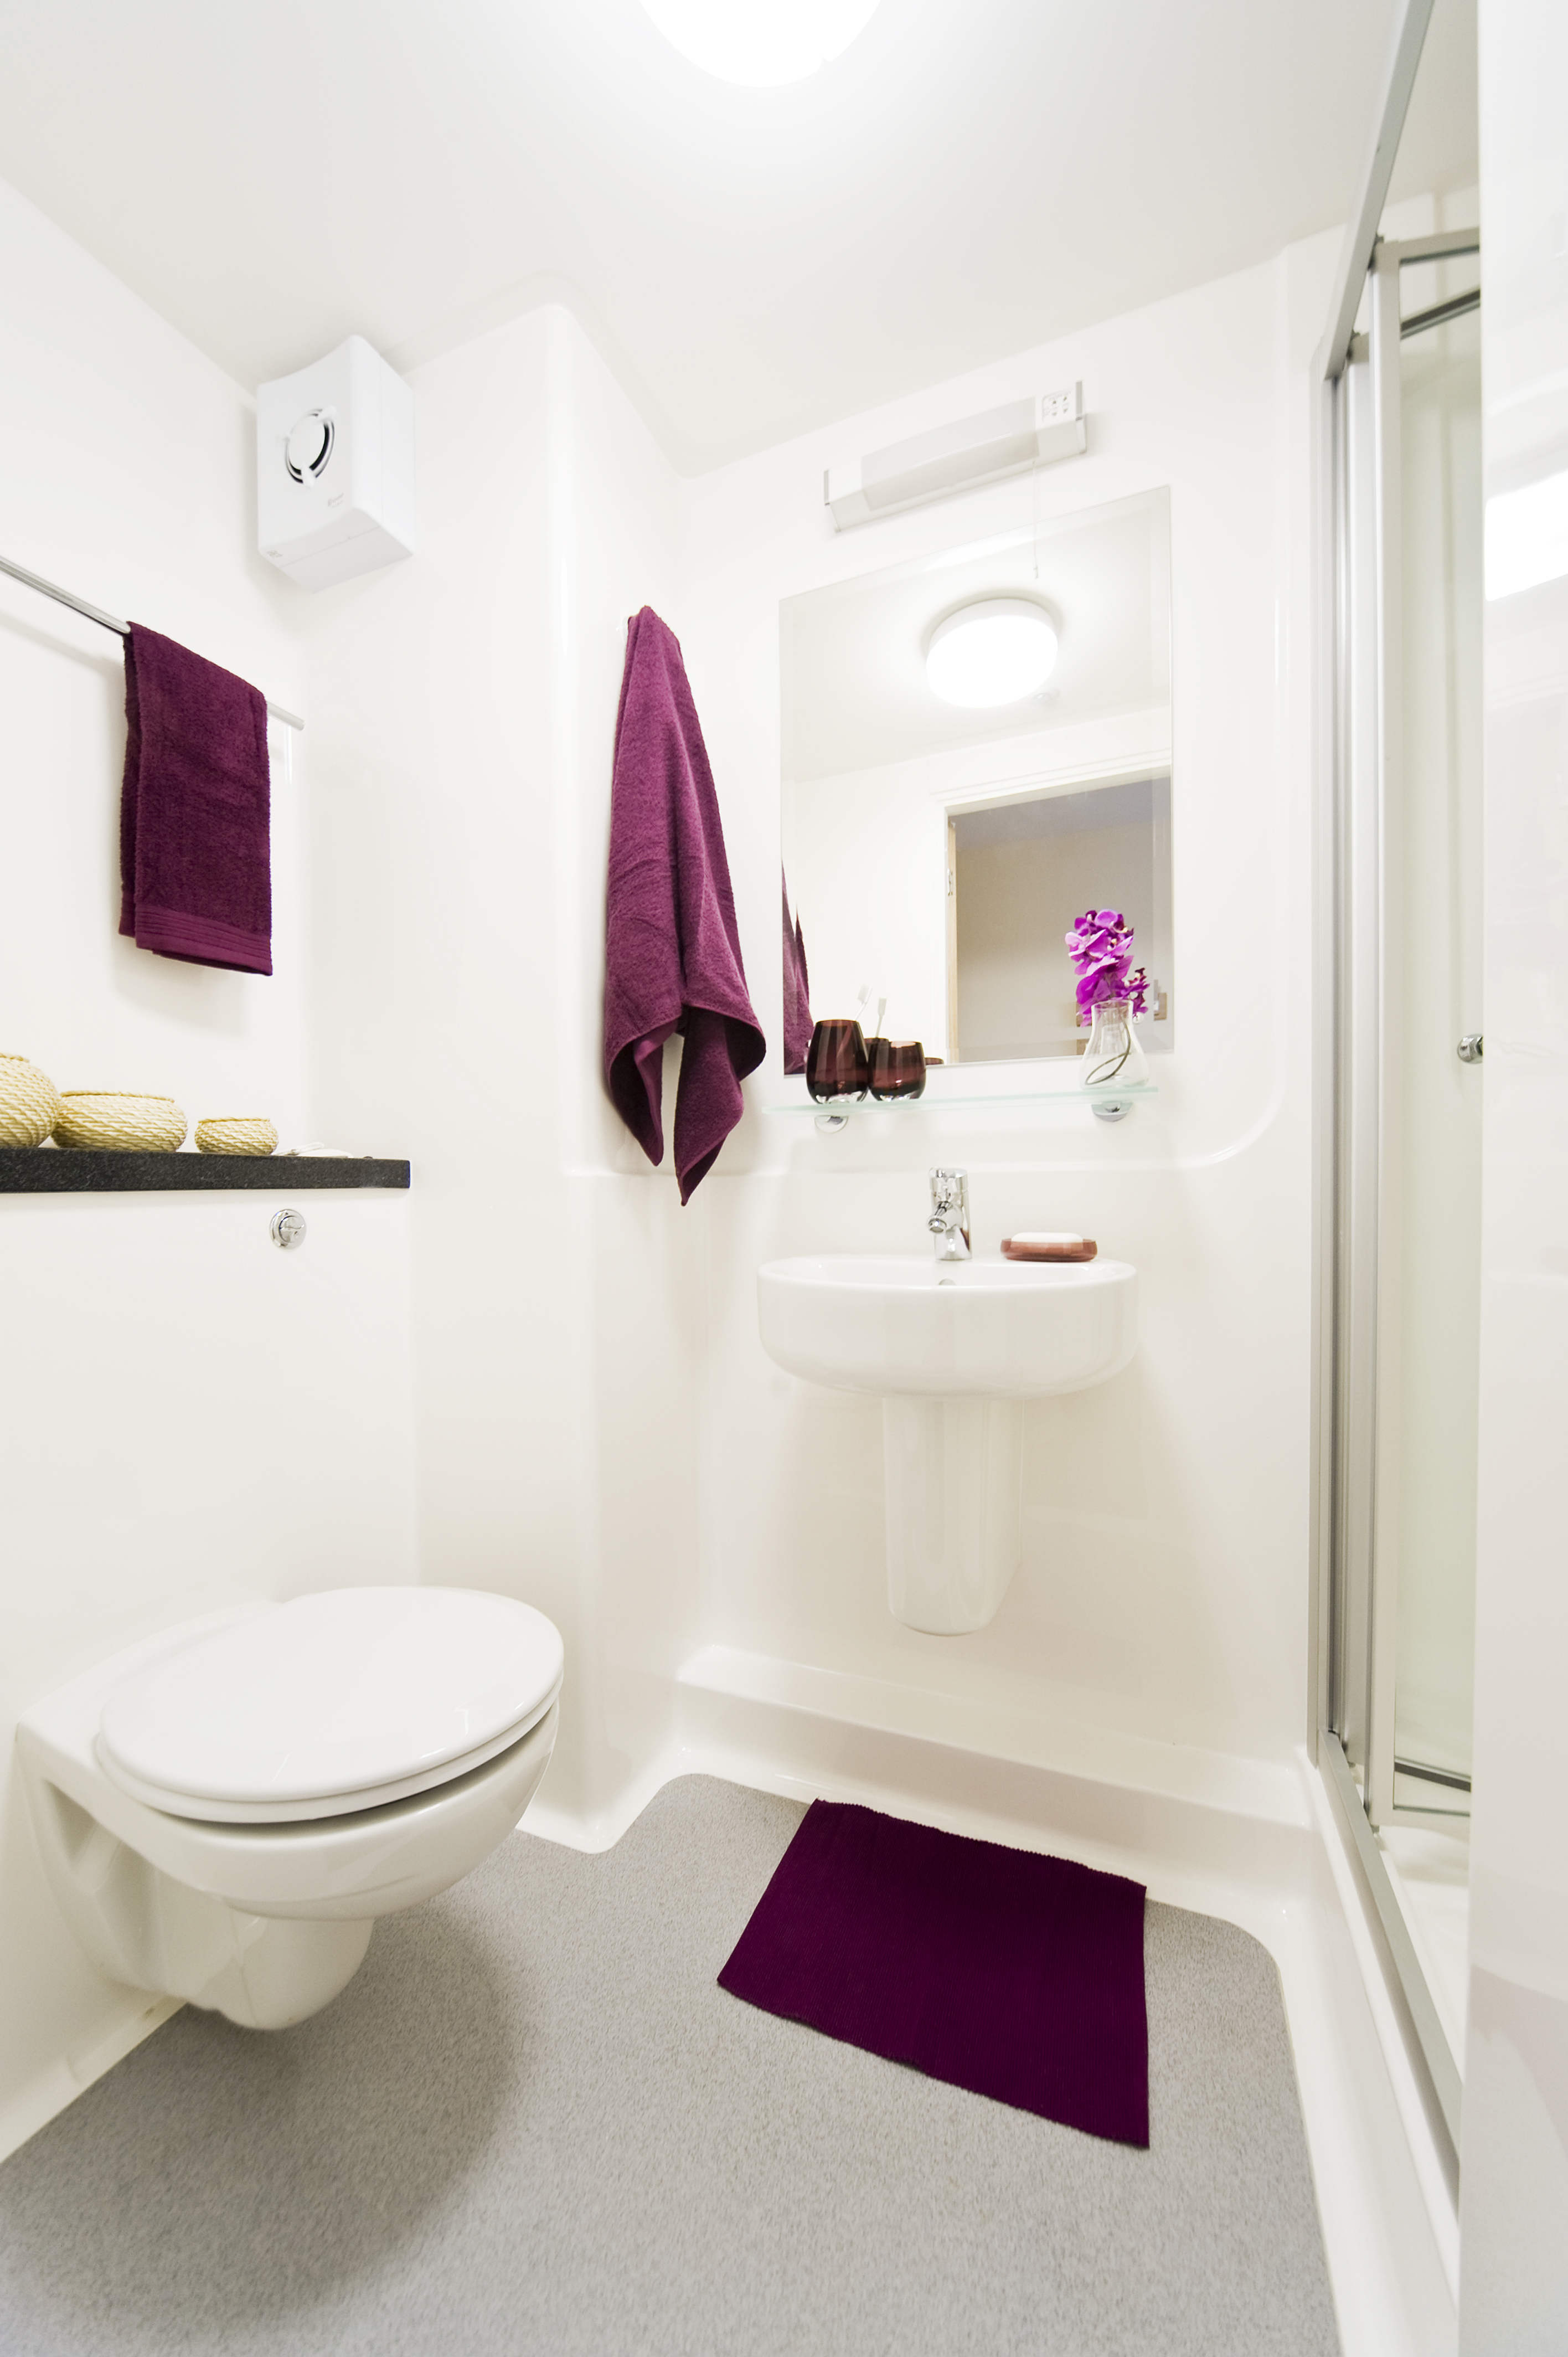 dorchester-house-summer-residence-privat